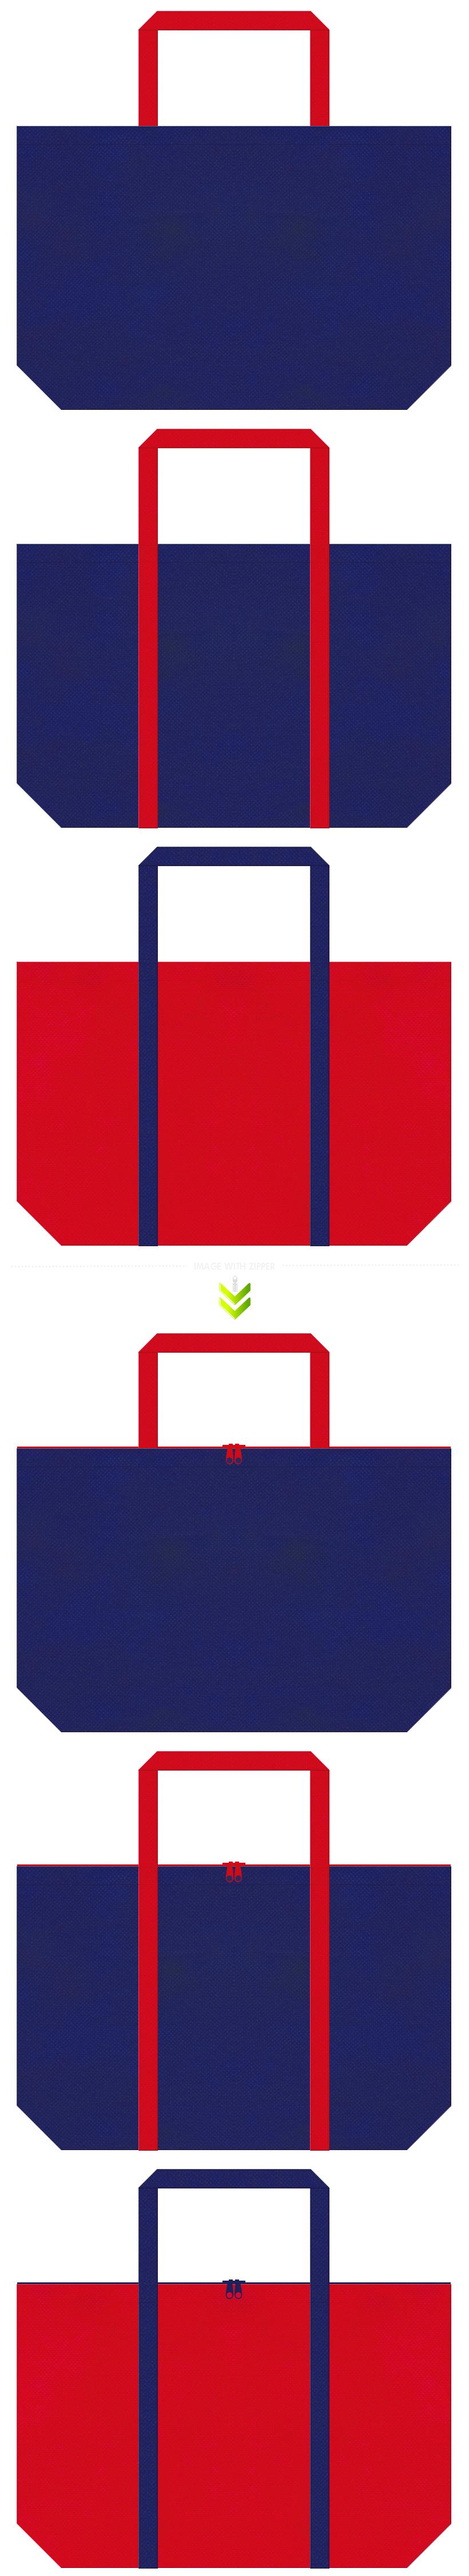 明るい紺色と紅色の不織布エコバッグのデザイン:夏祭り・花火大会のイメージにお奨めの配色です。